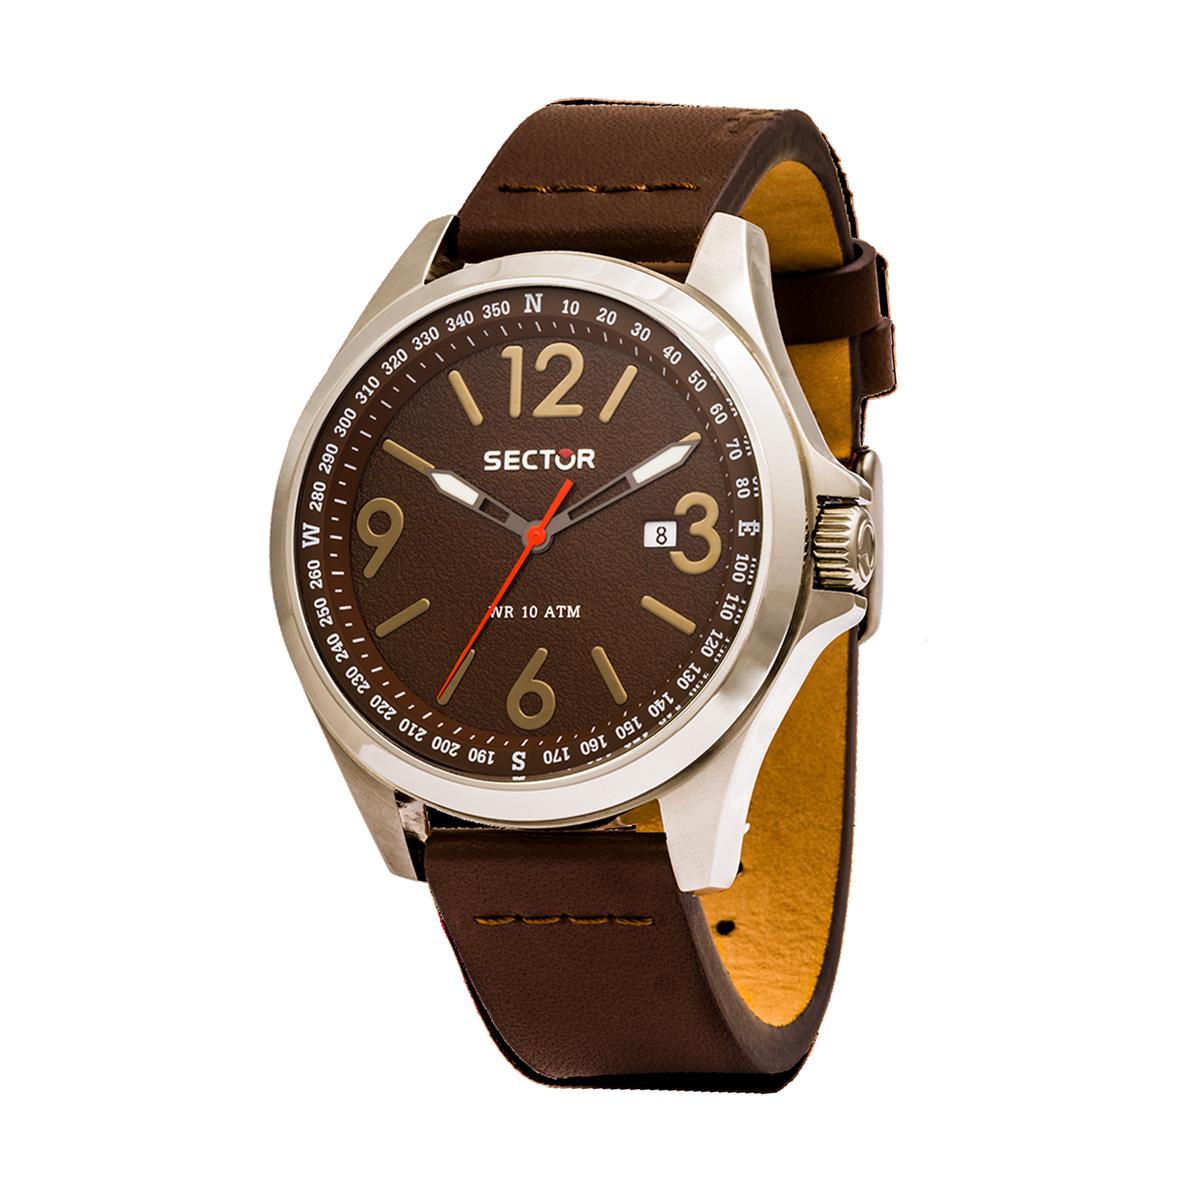 77e0117736a Relógio SECTOR 180 Castanho R32511800201. Adicionar à Lista de Desejos  Remover da Lista de Desejos